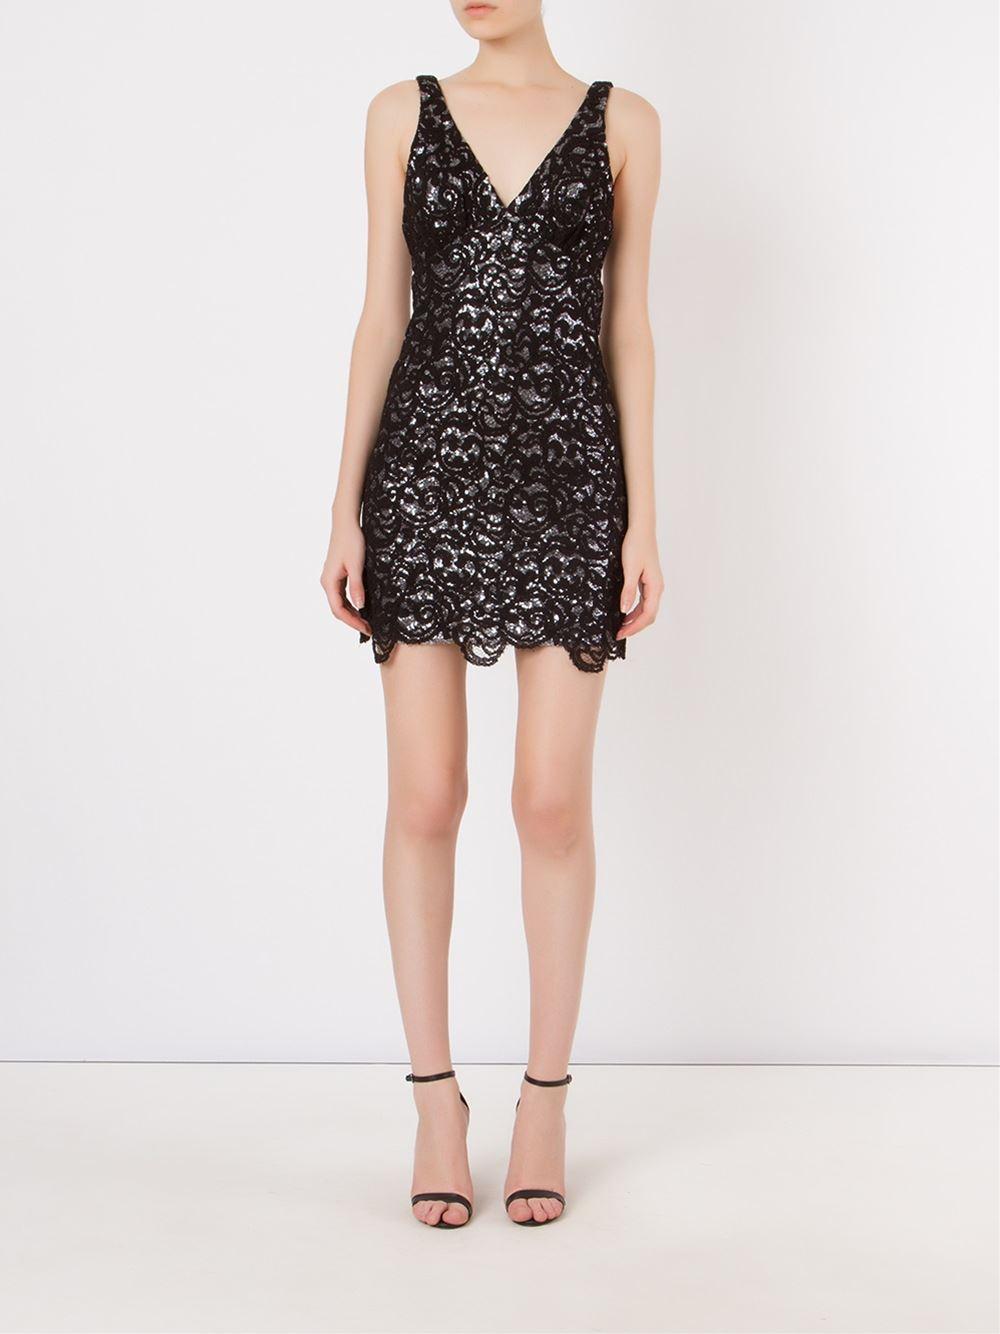 Vestido Iodice em renda preta - Compre AQUI. imagem: divuçgação/ Farfetch